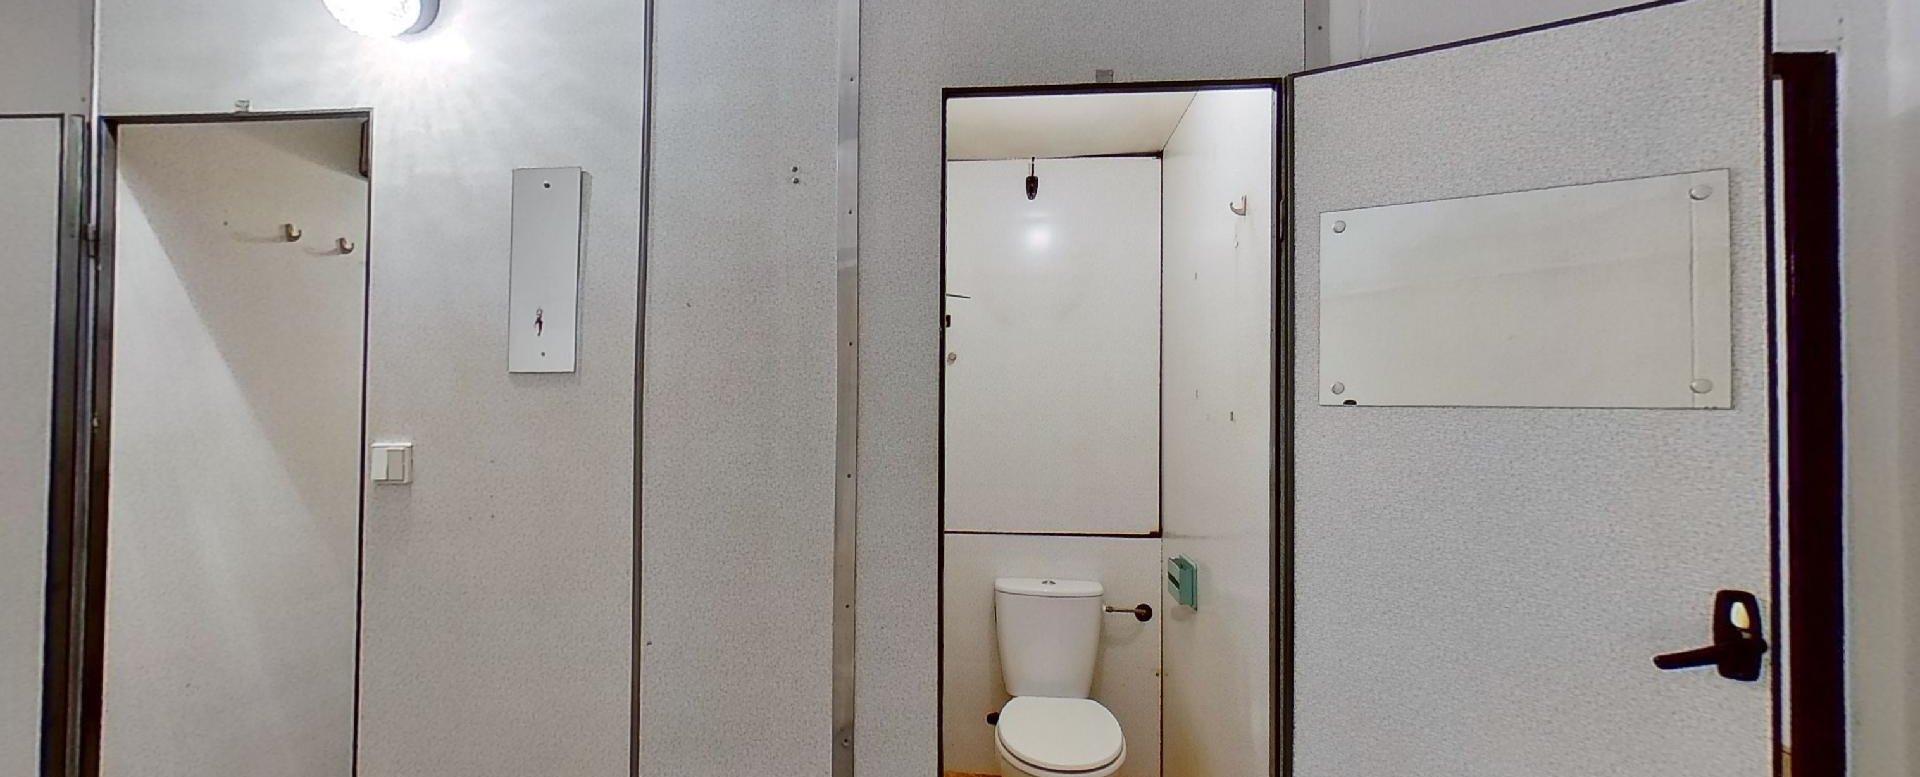 pohľad na jadro s kúpeľňou a toaletou